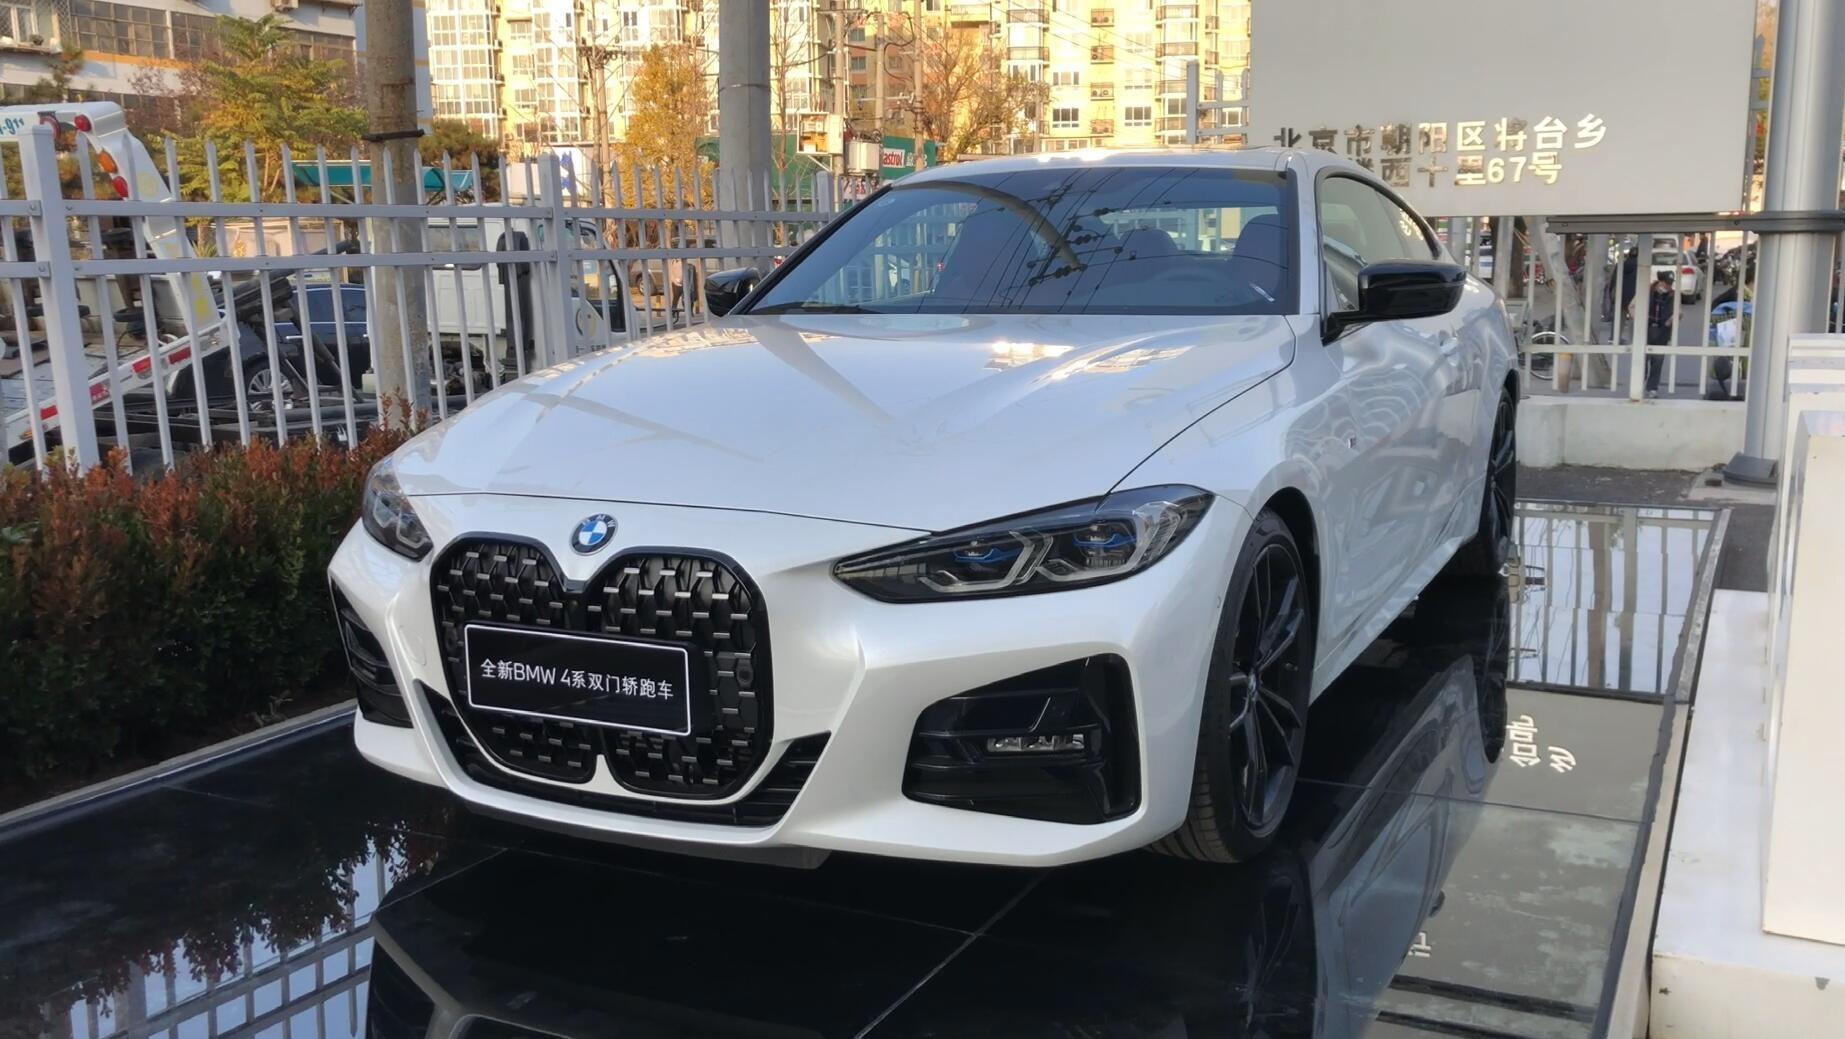 到店看车-BMW 4系运动的不只是外观